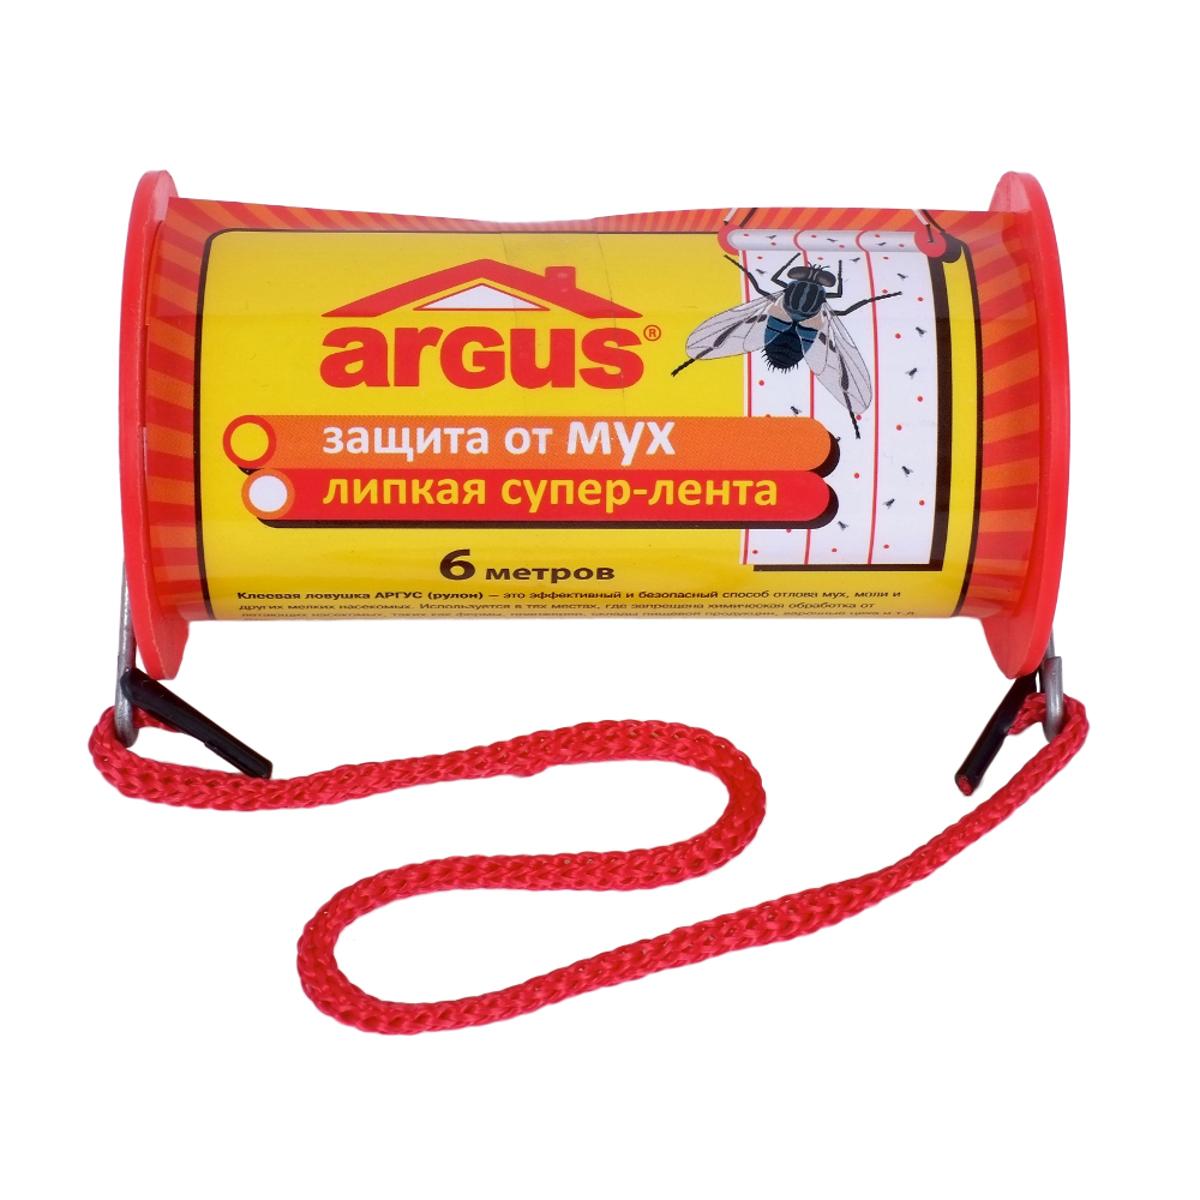 Ловушка клеевая для мух Argus, 600 х 10 смСЗ.030002Клеевая ловушка в рулоне Argus - это эффективный и безопасный способ отлова мух, моли и других мелких насекомых. Используется в тех местах, где запрещена химическая обработка от летающих насекомых, таких как фермы, оранжереи, склады пищевой продукции, варочные цеха и другие помещения. Расфасован из средства инсекто-родентицидного в виде клея Mr. Mouse. Состав: каучук, производные полиизобутилена, аттрактант, масло минеральное. Длина ленты: 6 м. Ширина ленты: 10 см.